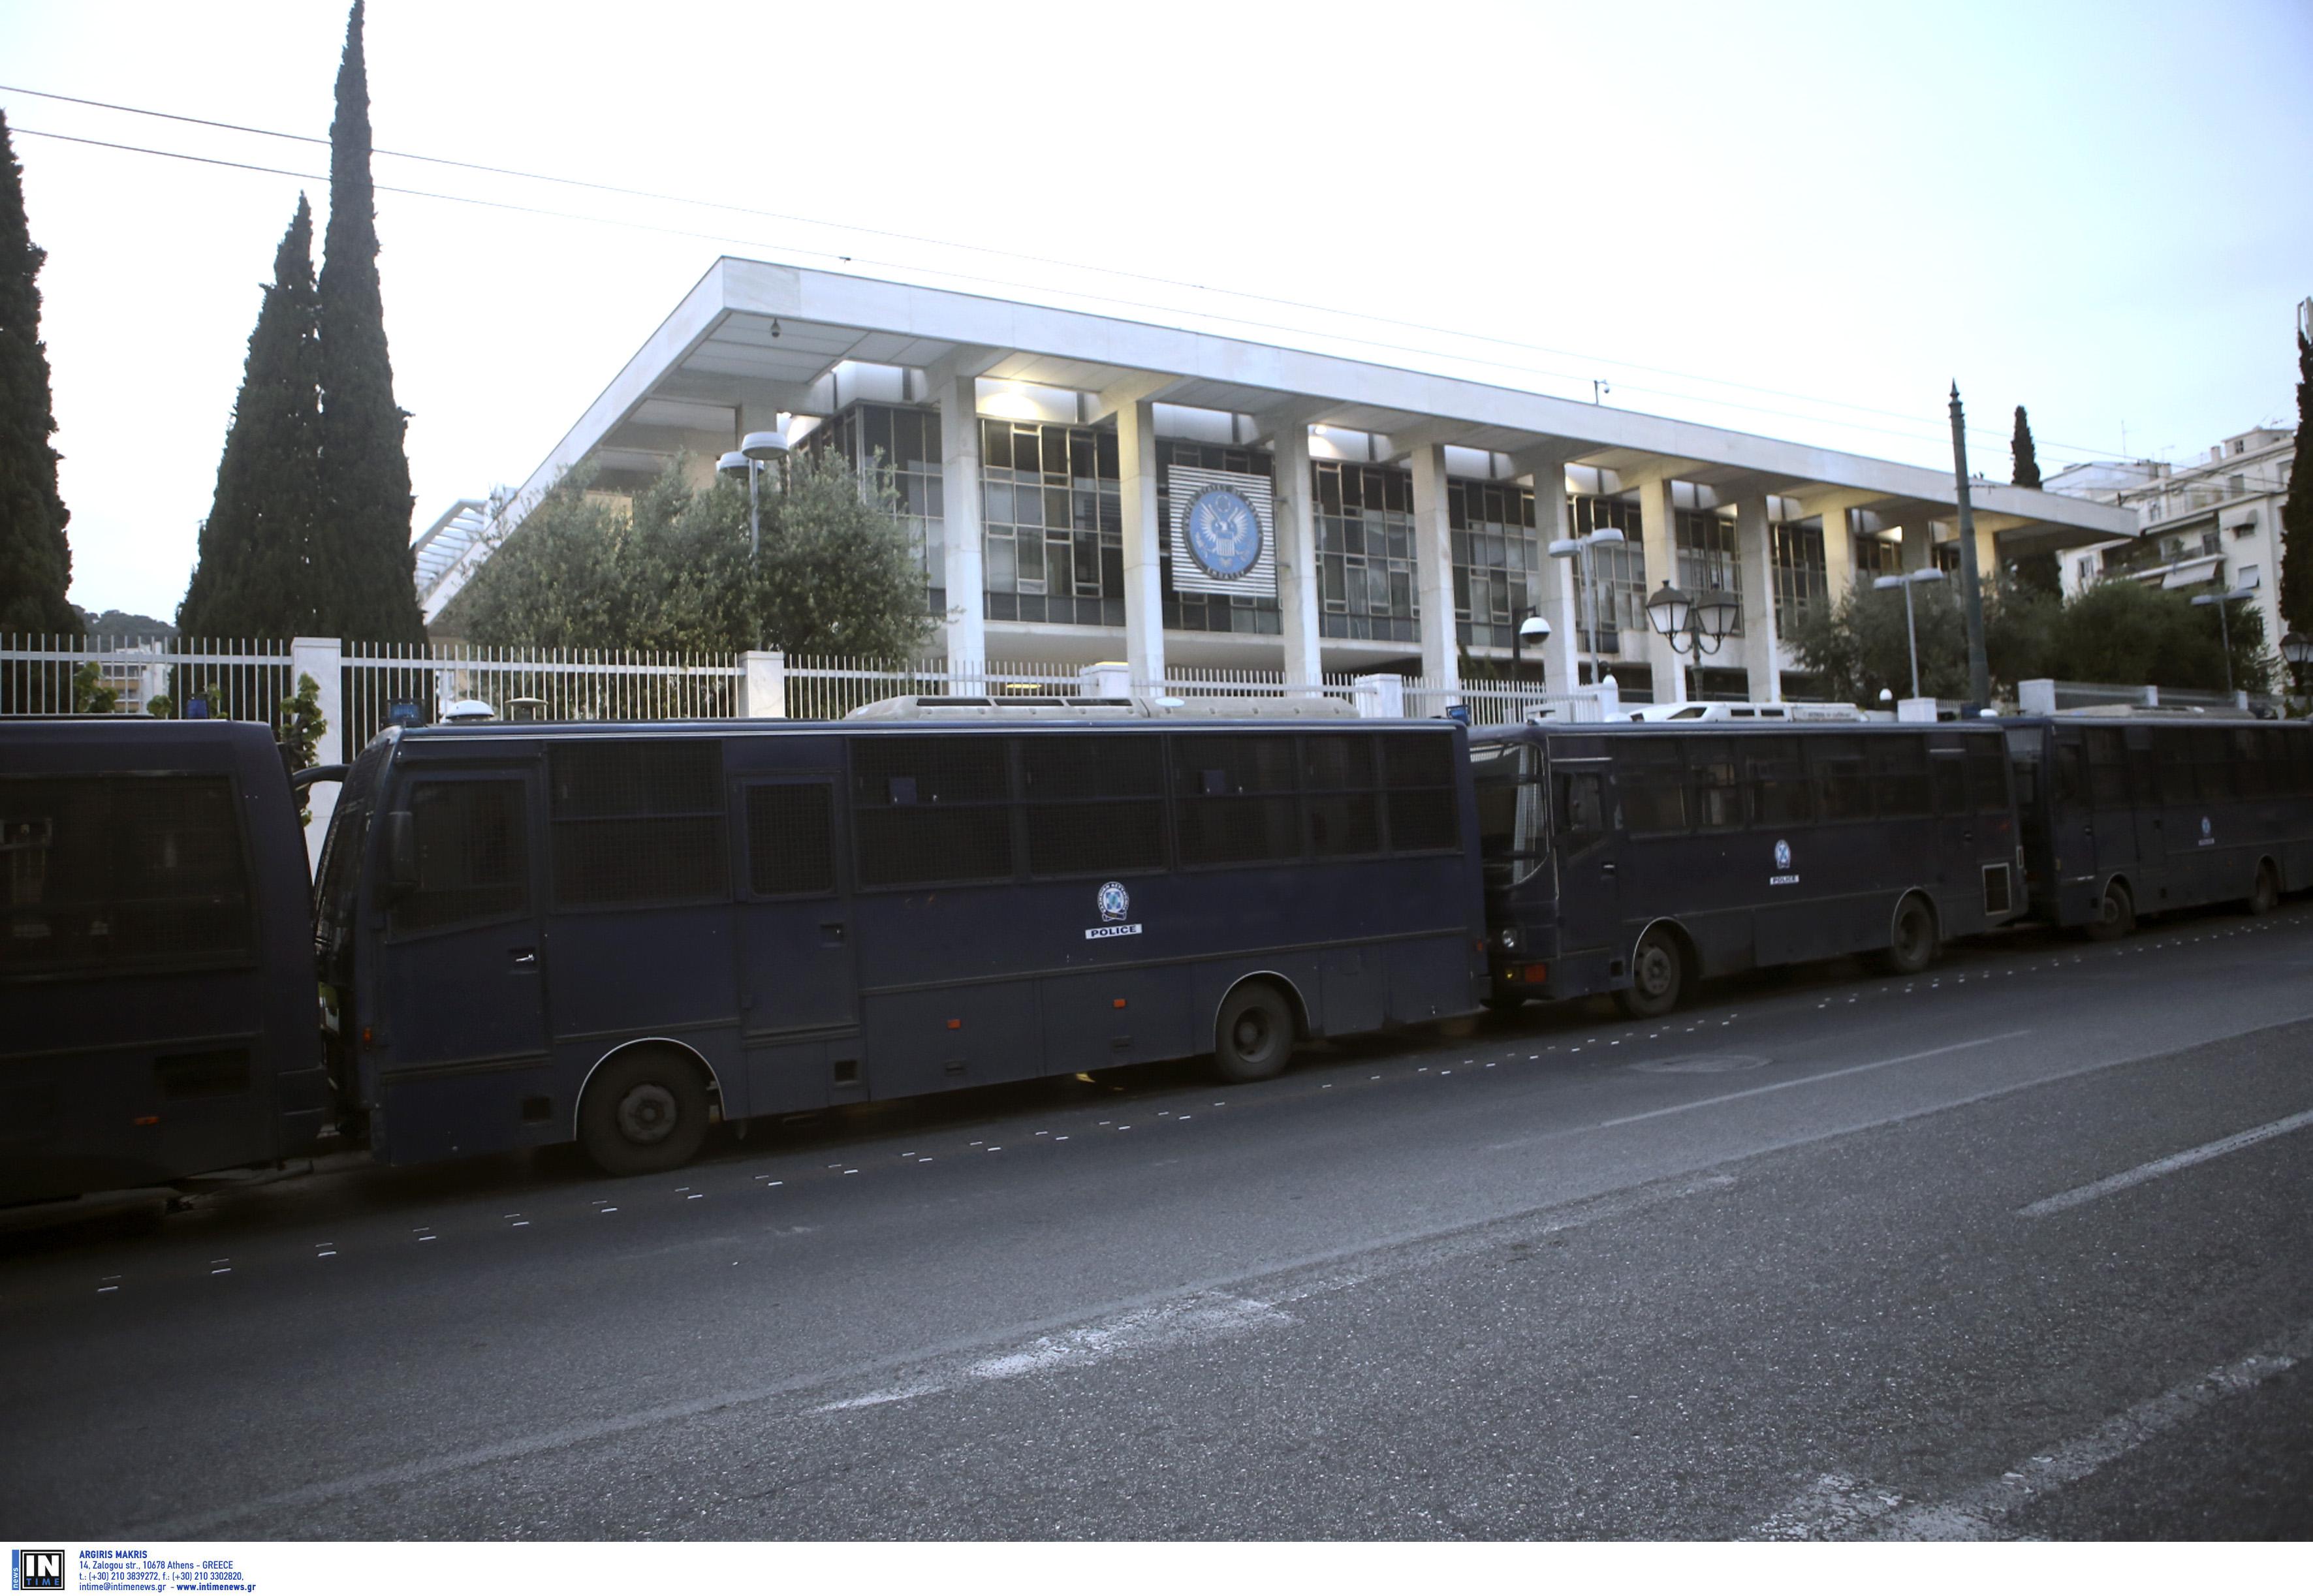 Έκτακτα μέτρα ασφαλείας στην Αθήνα μετά τη δολοφονία Σουλεϊμανί